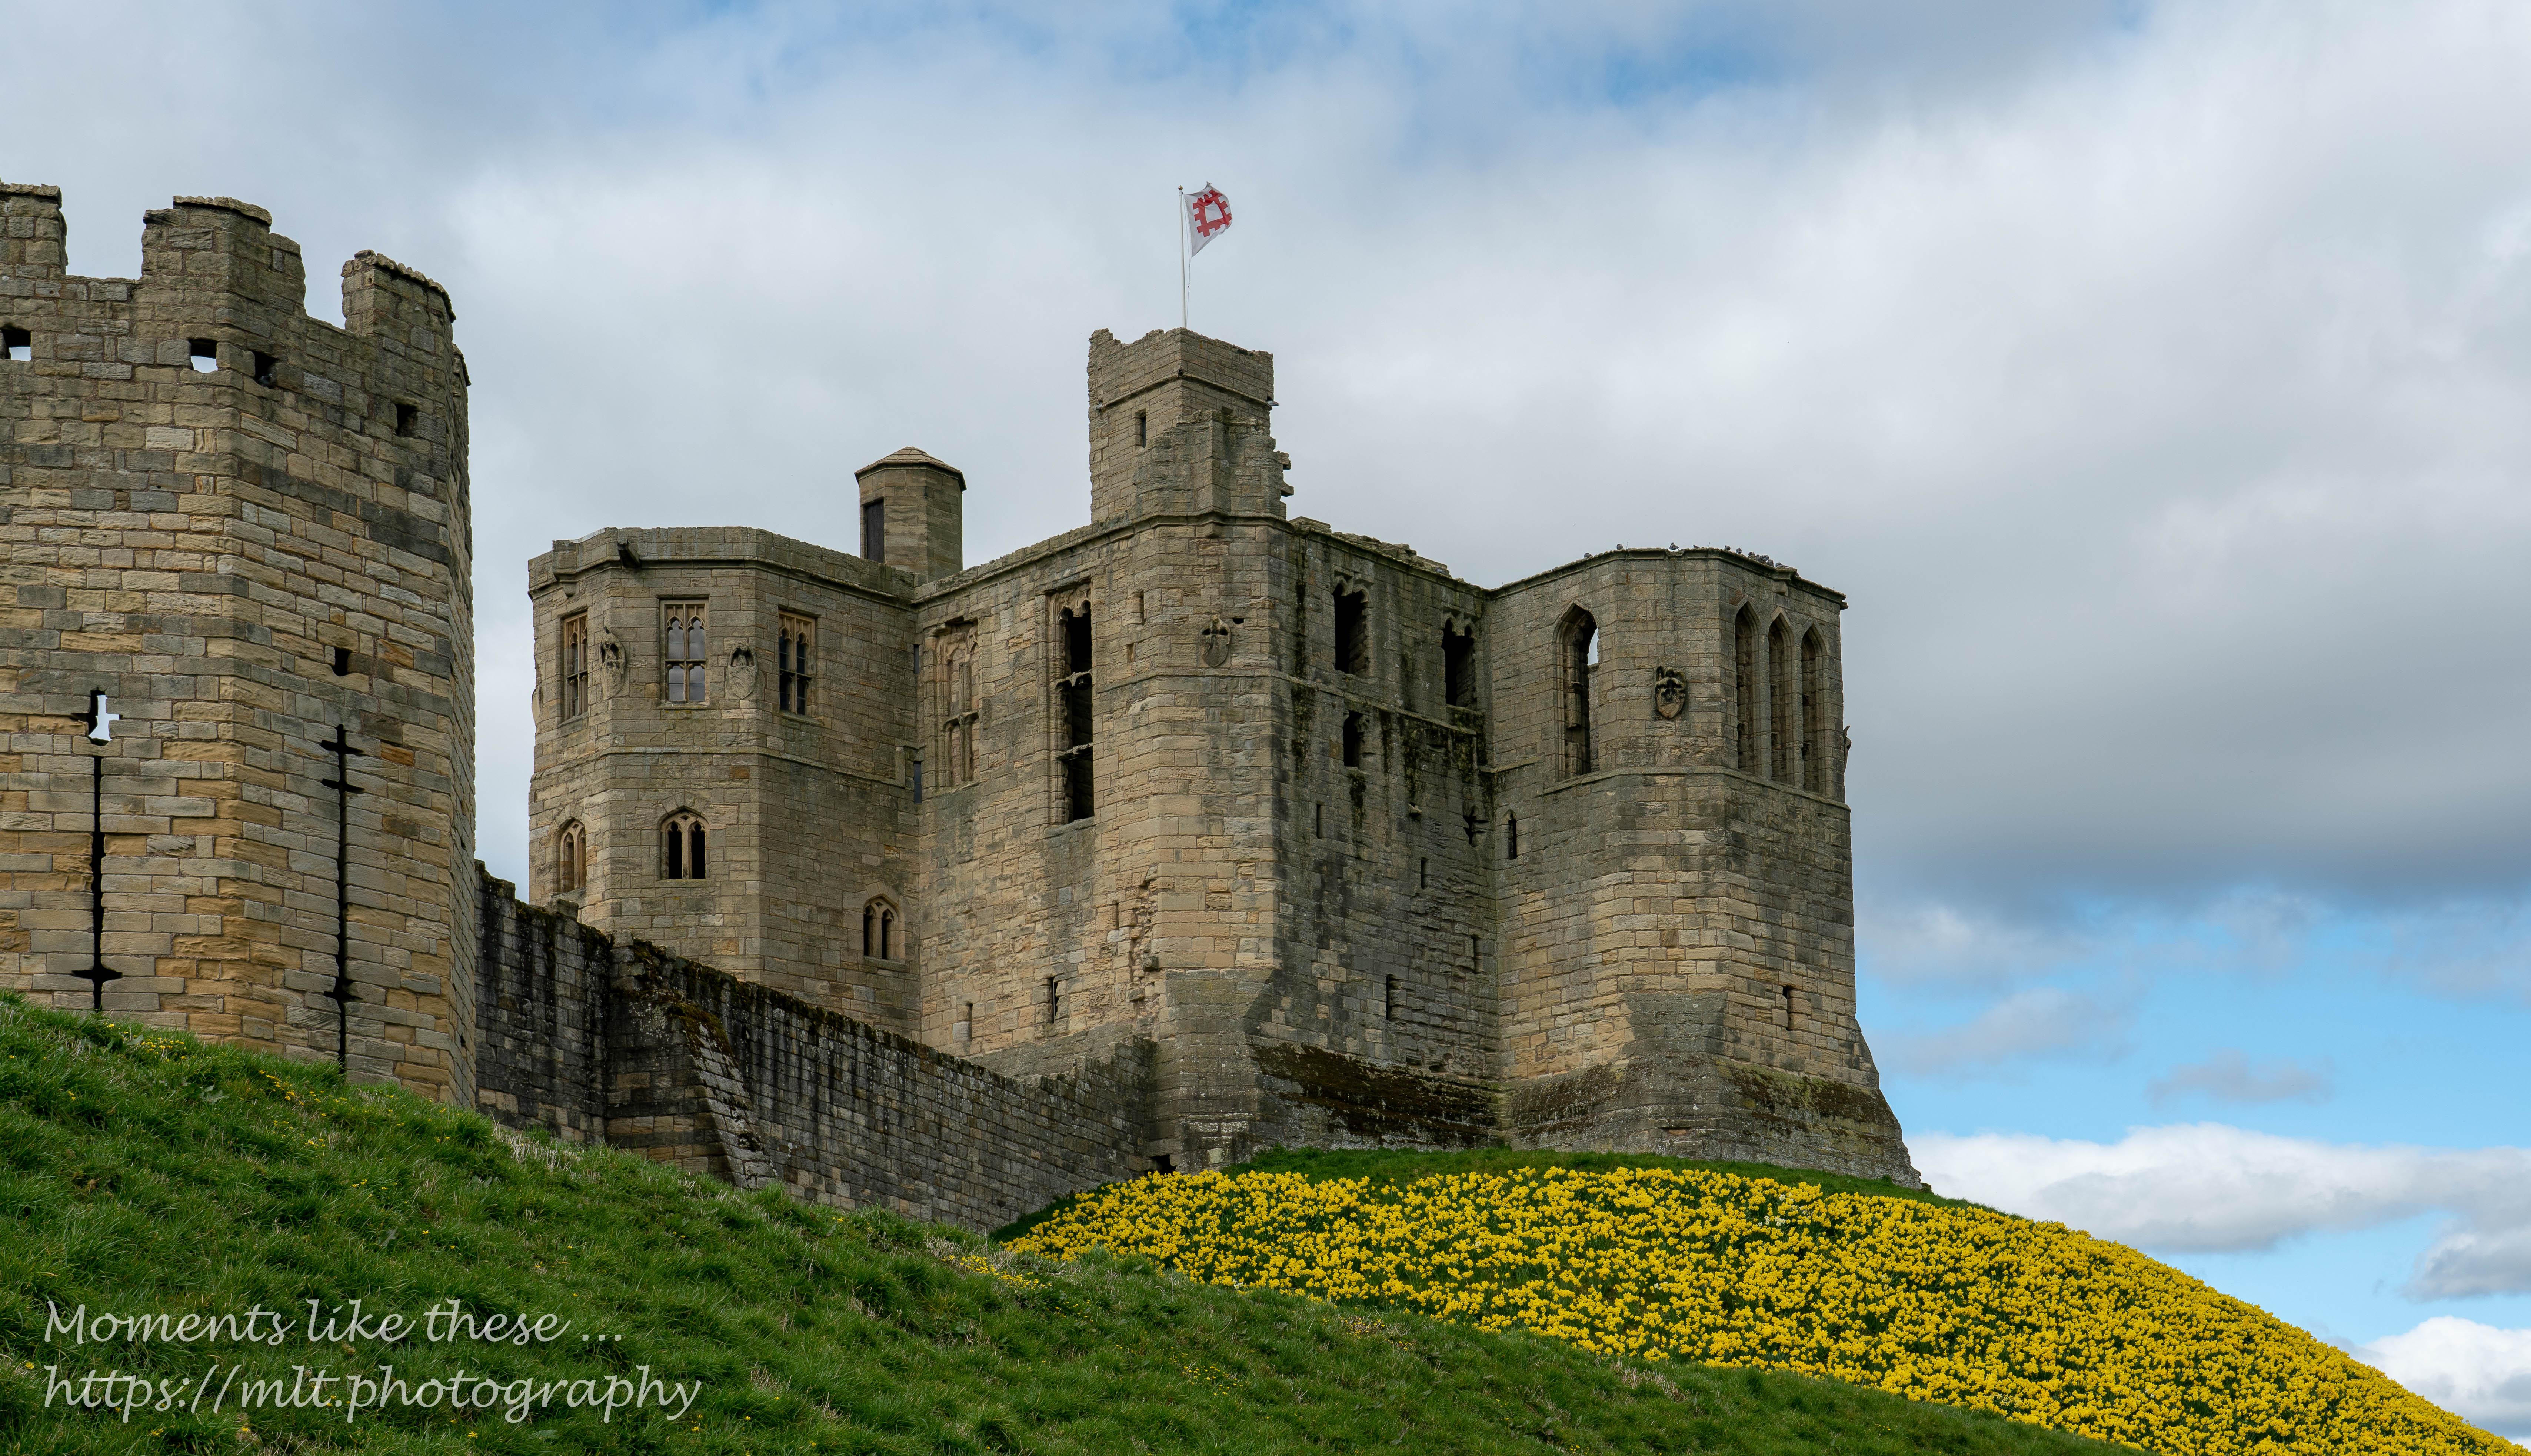 The Keep, Warkworth Castle